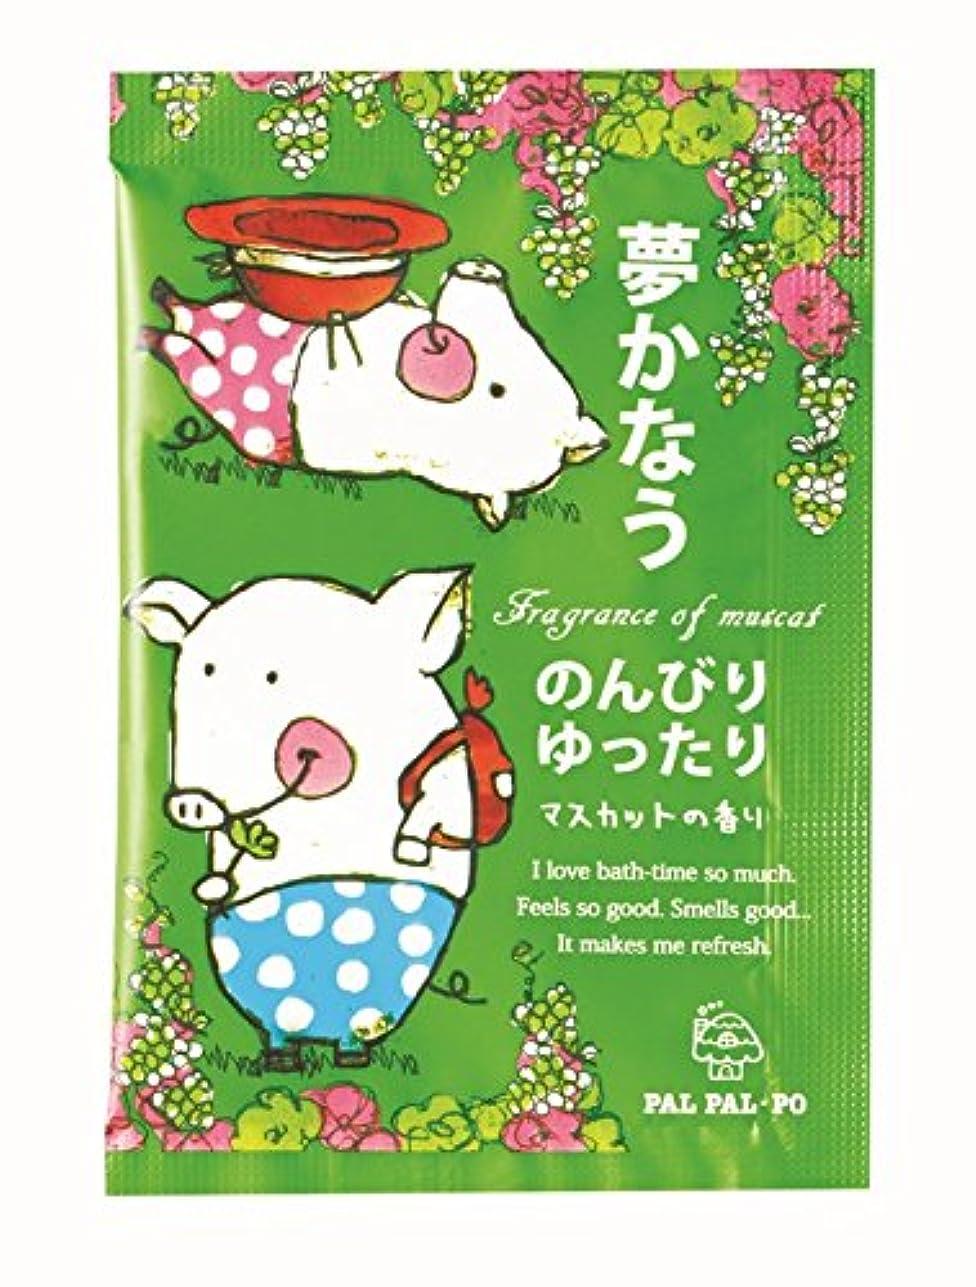 送金に対処する勉強する入浴剤 パルパルポ-(のんびりゆったり マスカットの香り)25g ケース 200個入り